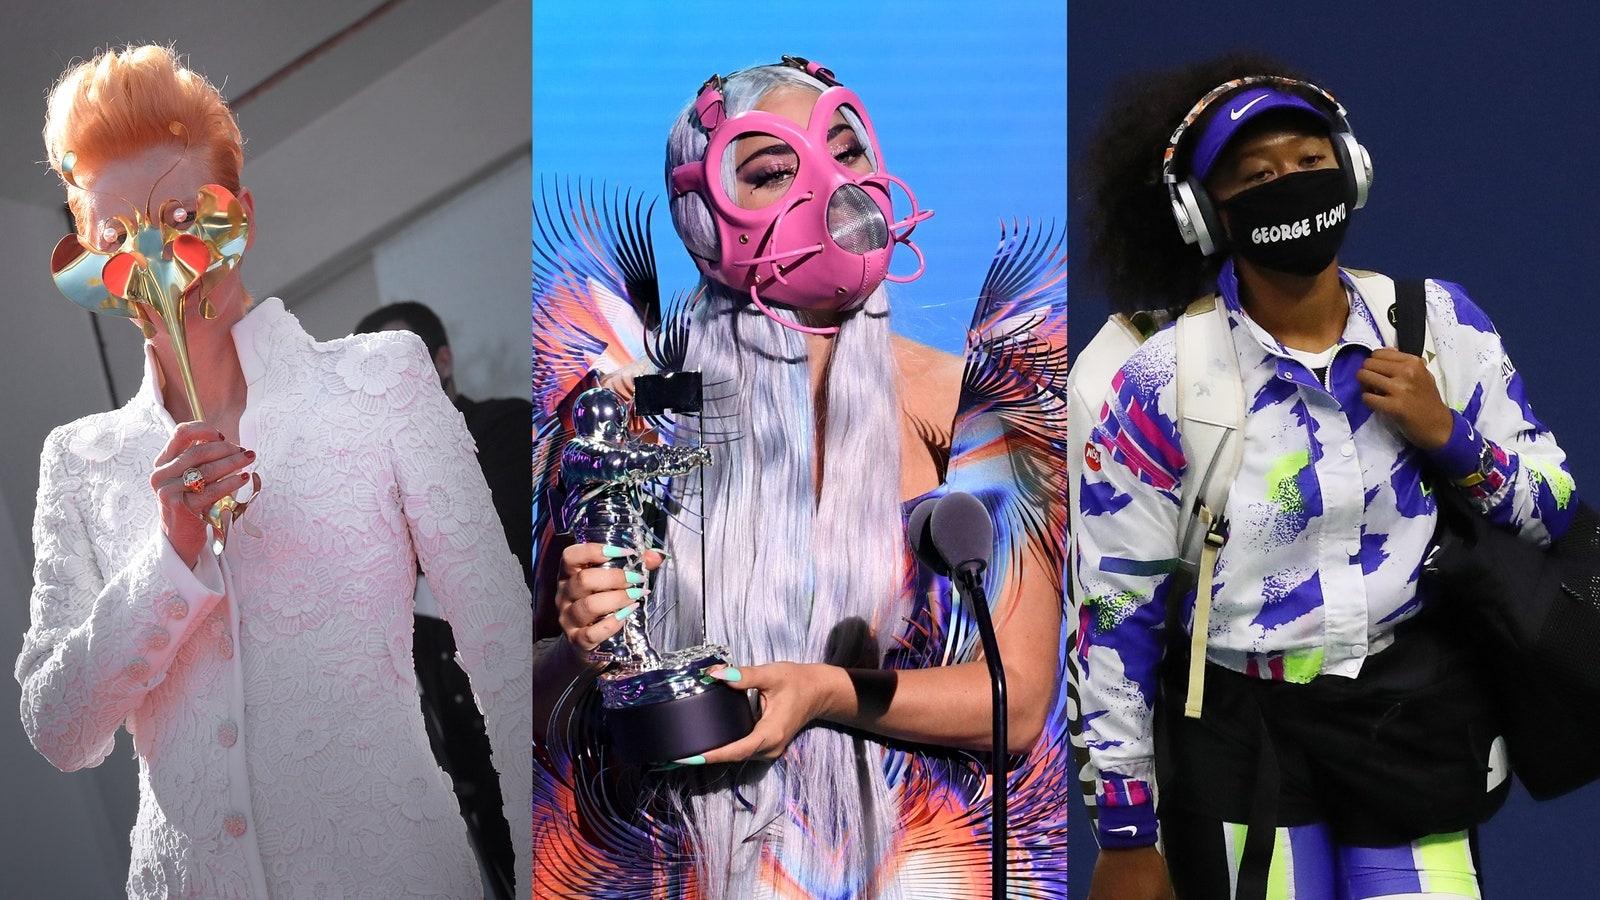 Khẩu trang trở thành biểu tượng thời trang mới trong năm 2020